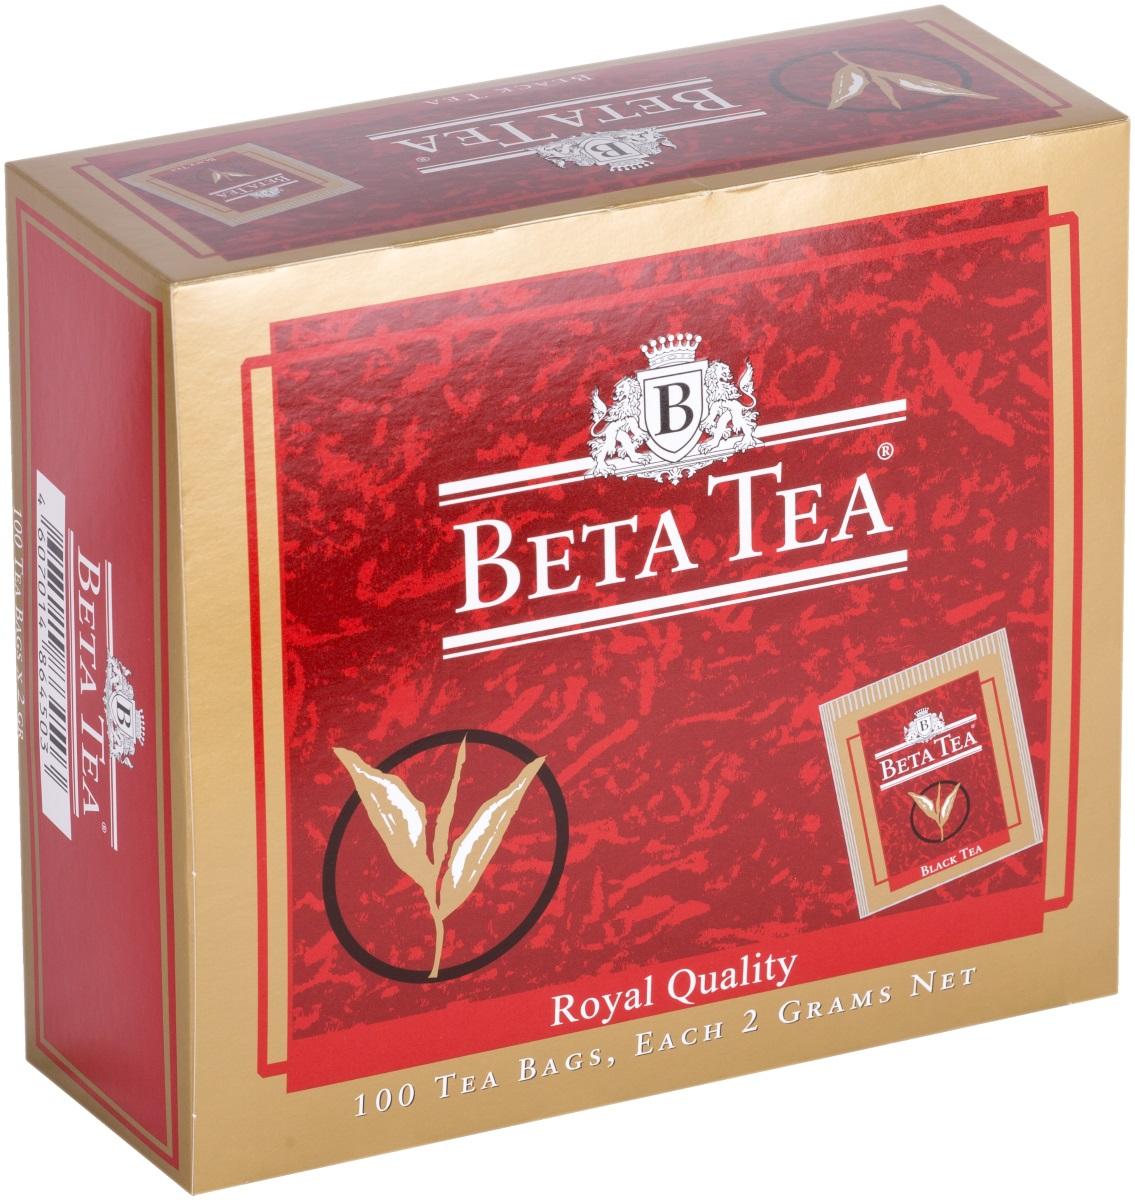 Beta Tea Королевское качество черный чай в пакетиках, 100 шт4607014864503Beta Tea Королевское качество моментально околдует вас чайным ароматом и цветом напитка. Этот чай, собранный с самых лучших плантаций Цейлона, производится в экологически чистых условиях при помощи современных технологий.